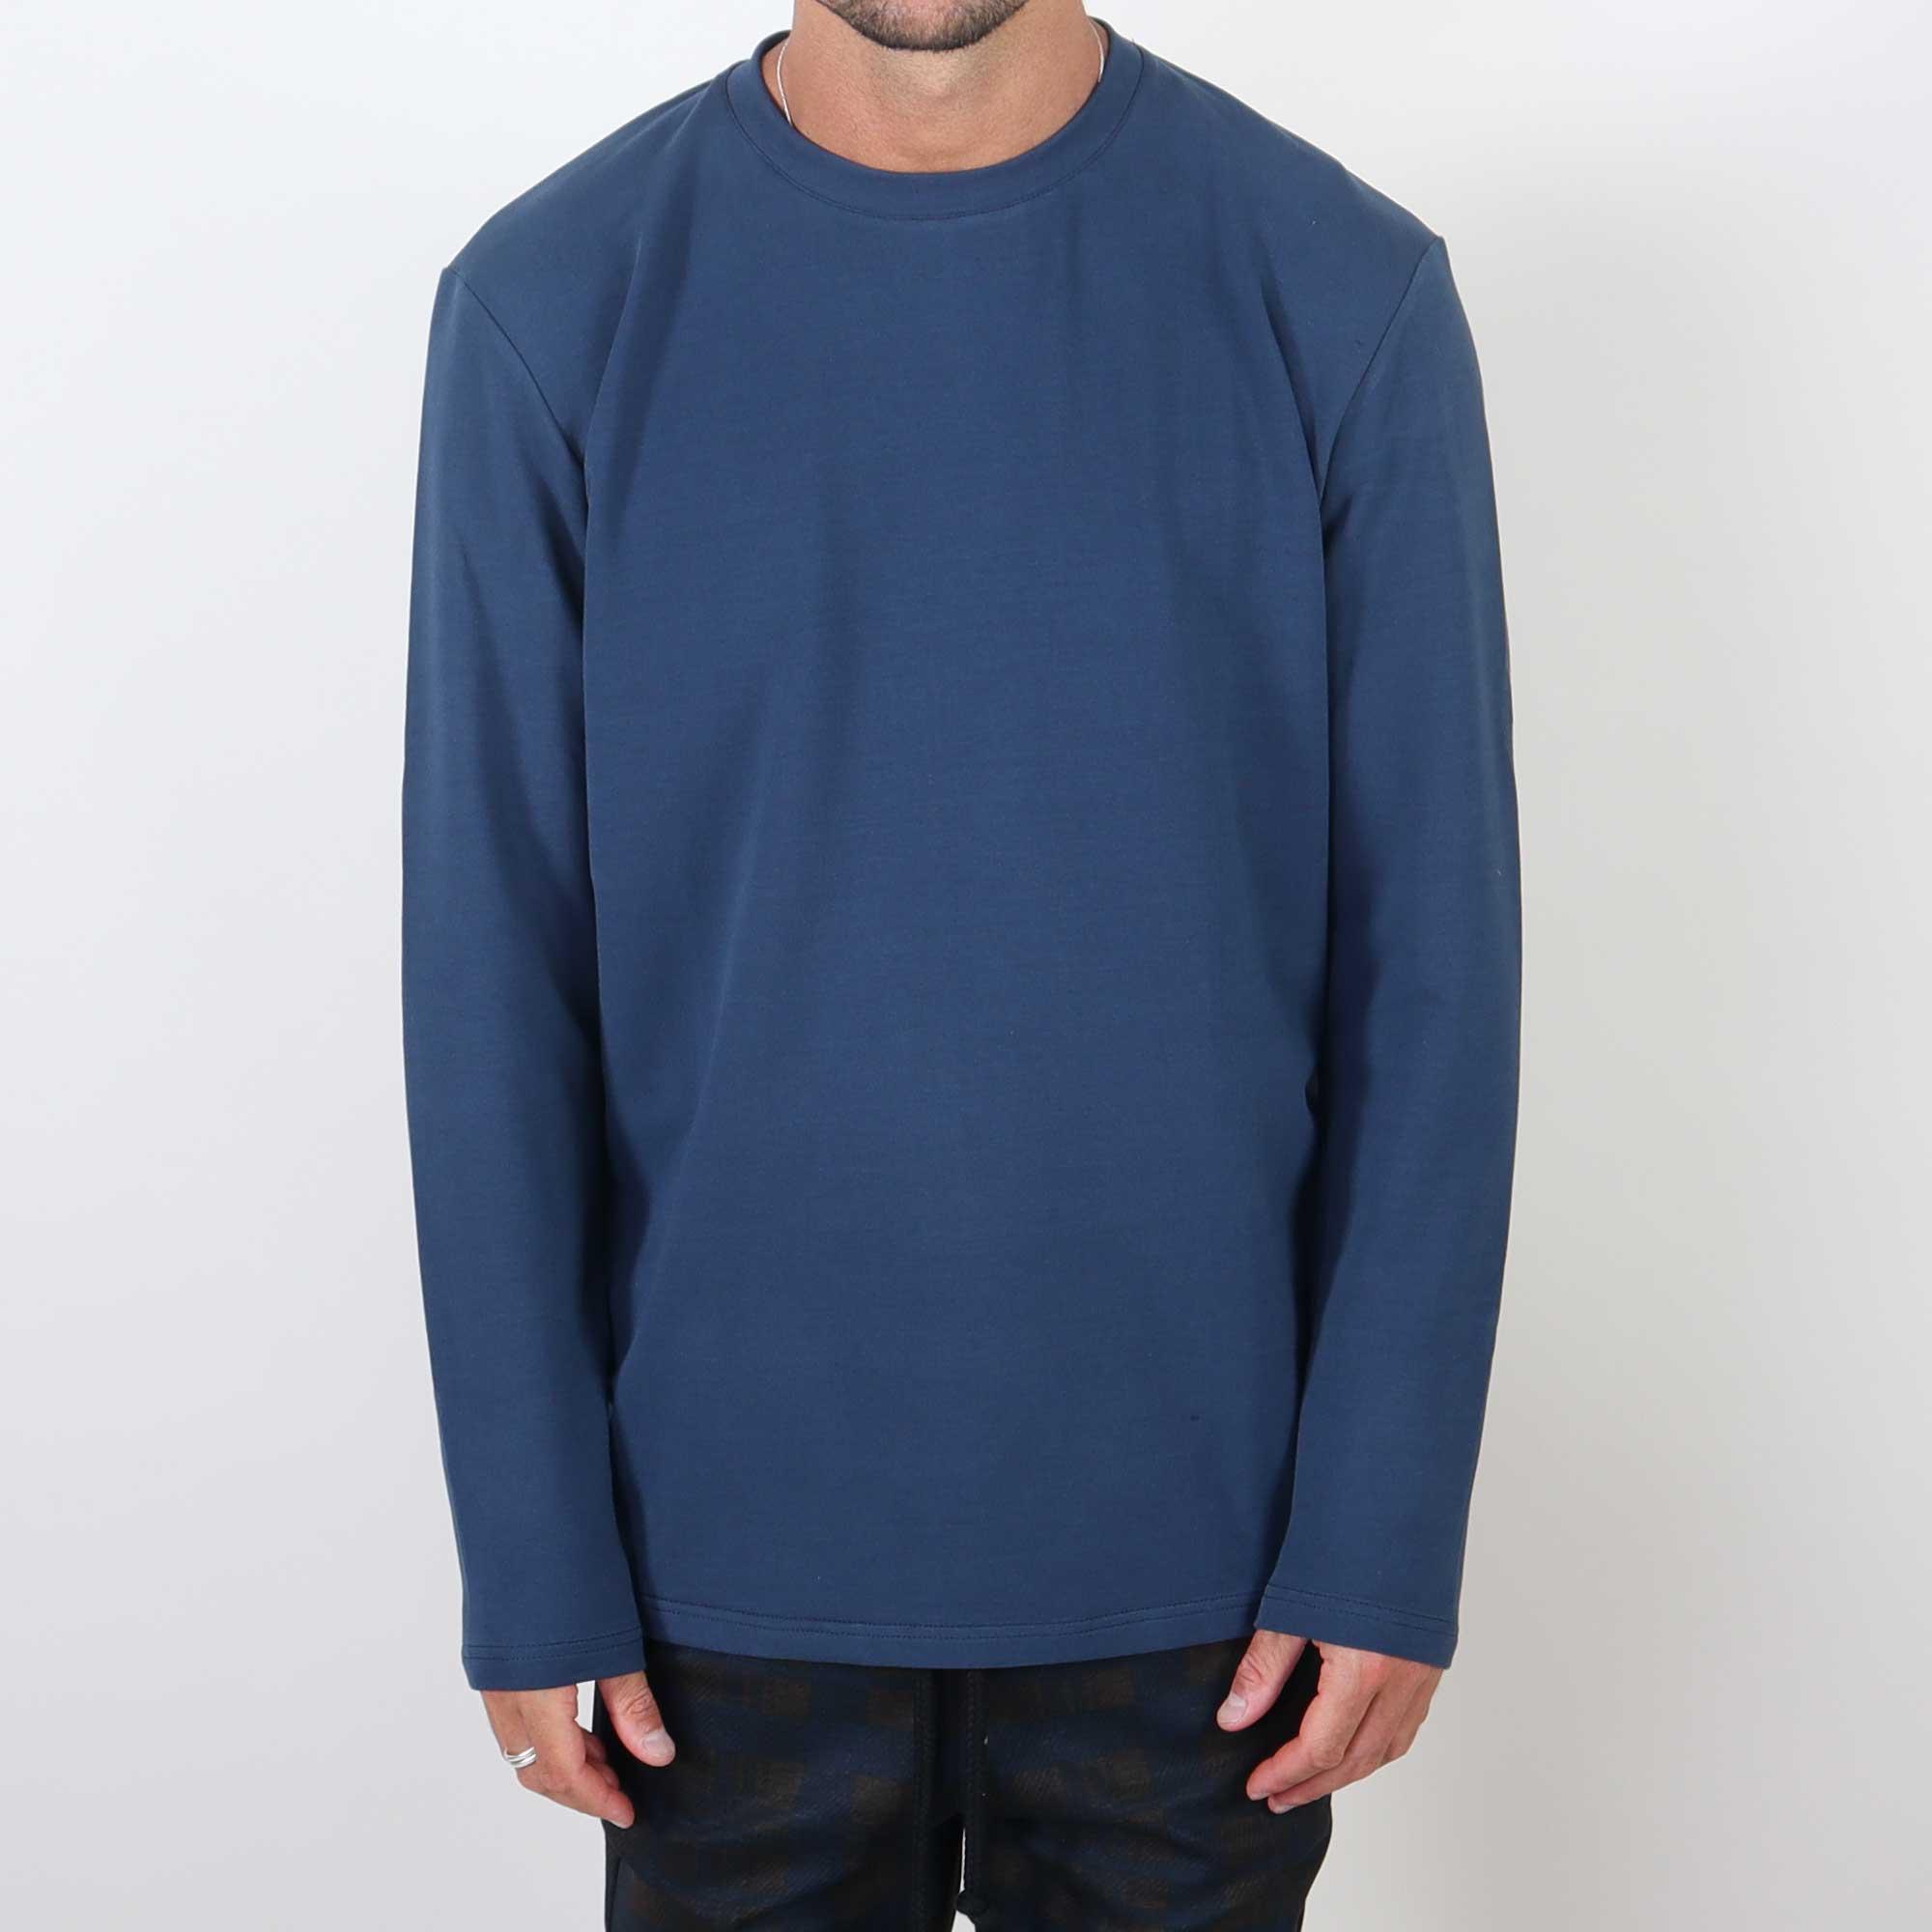 basic-ls-blue-2